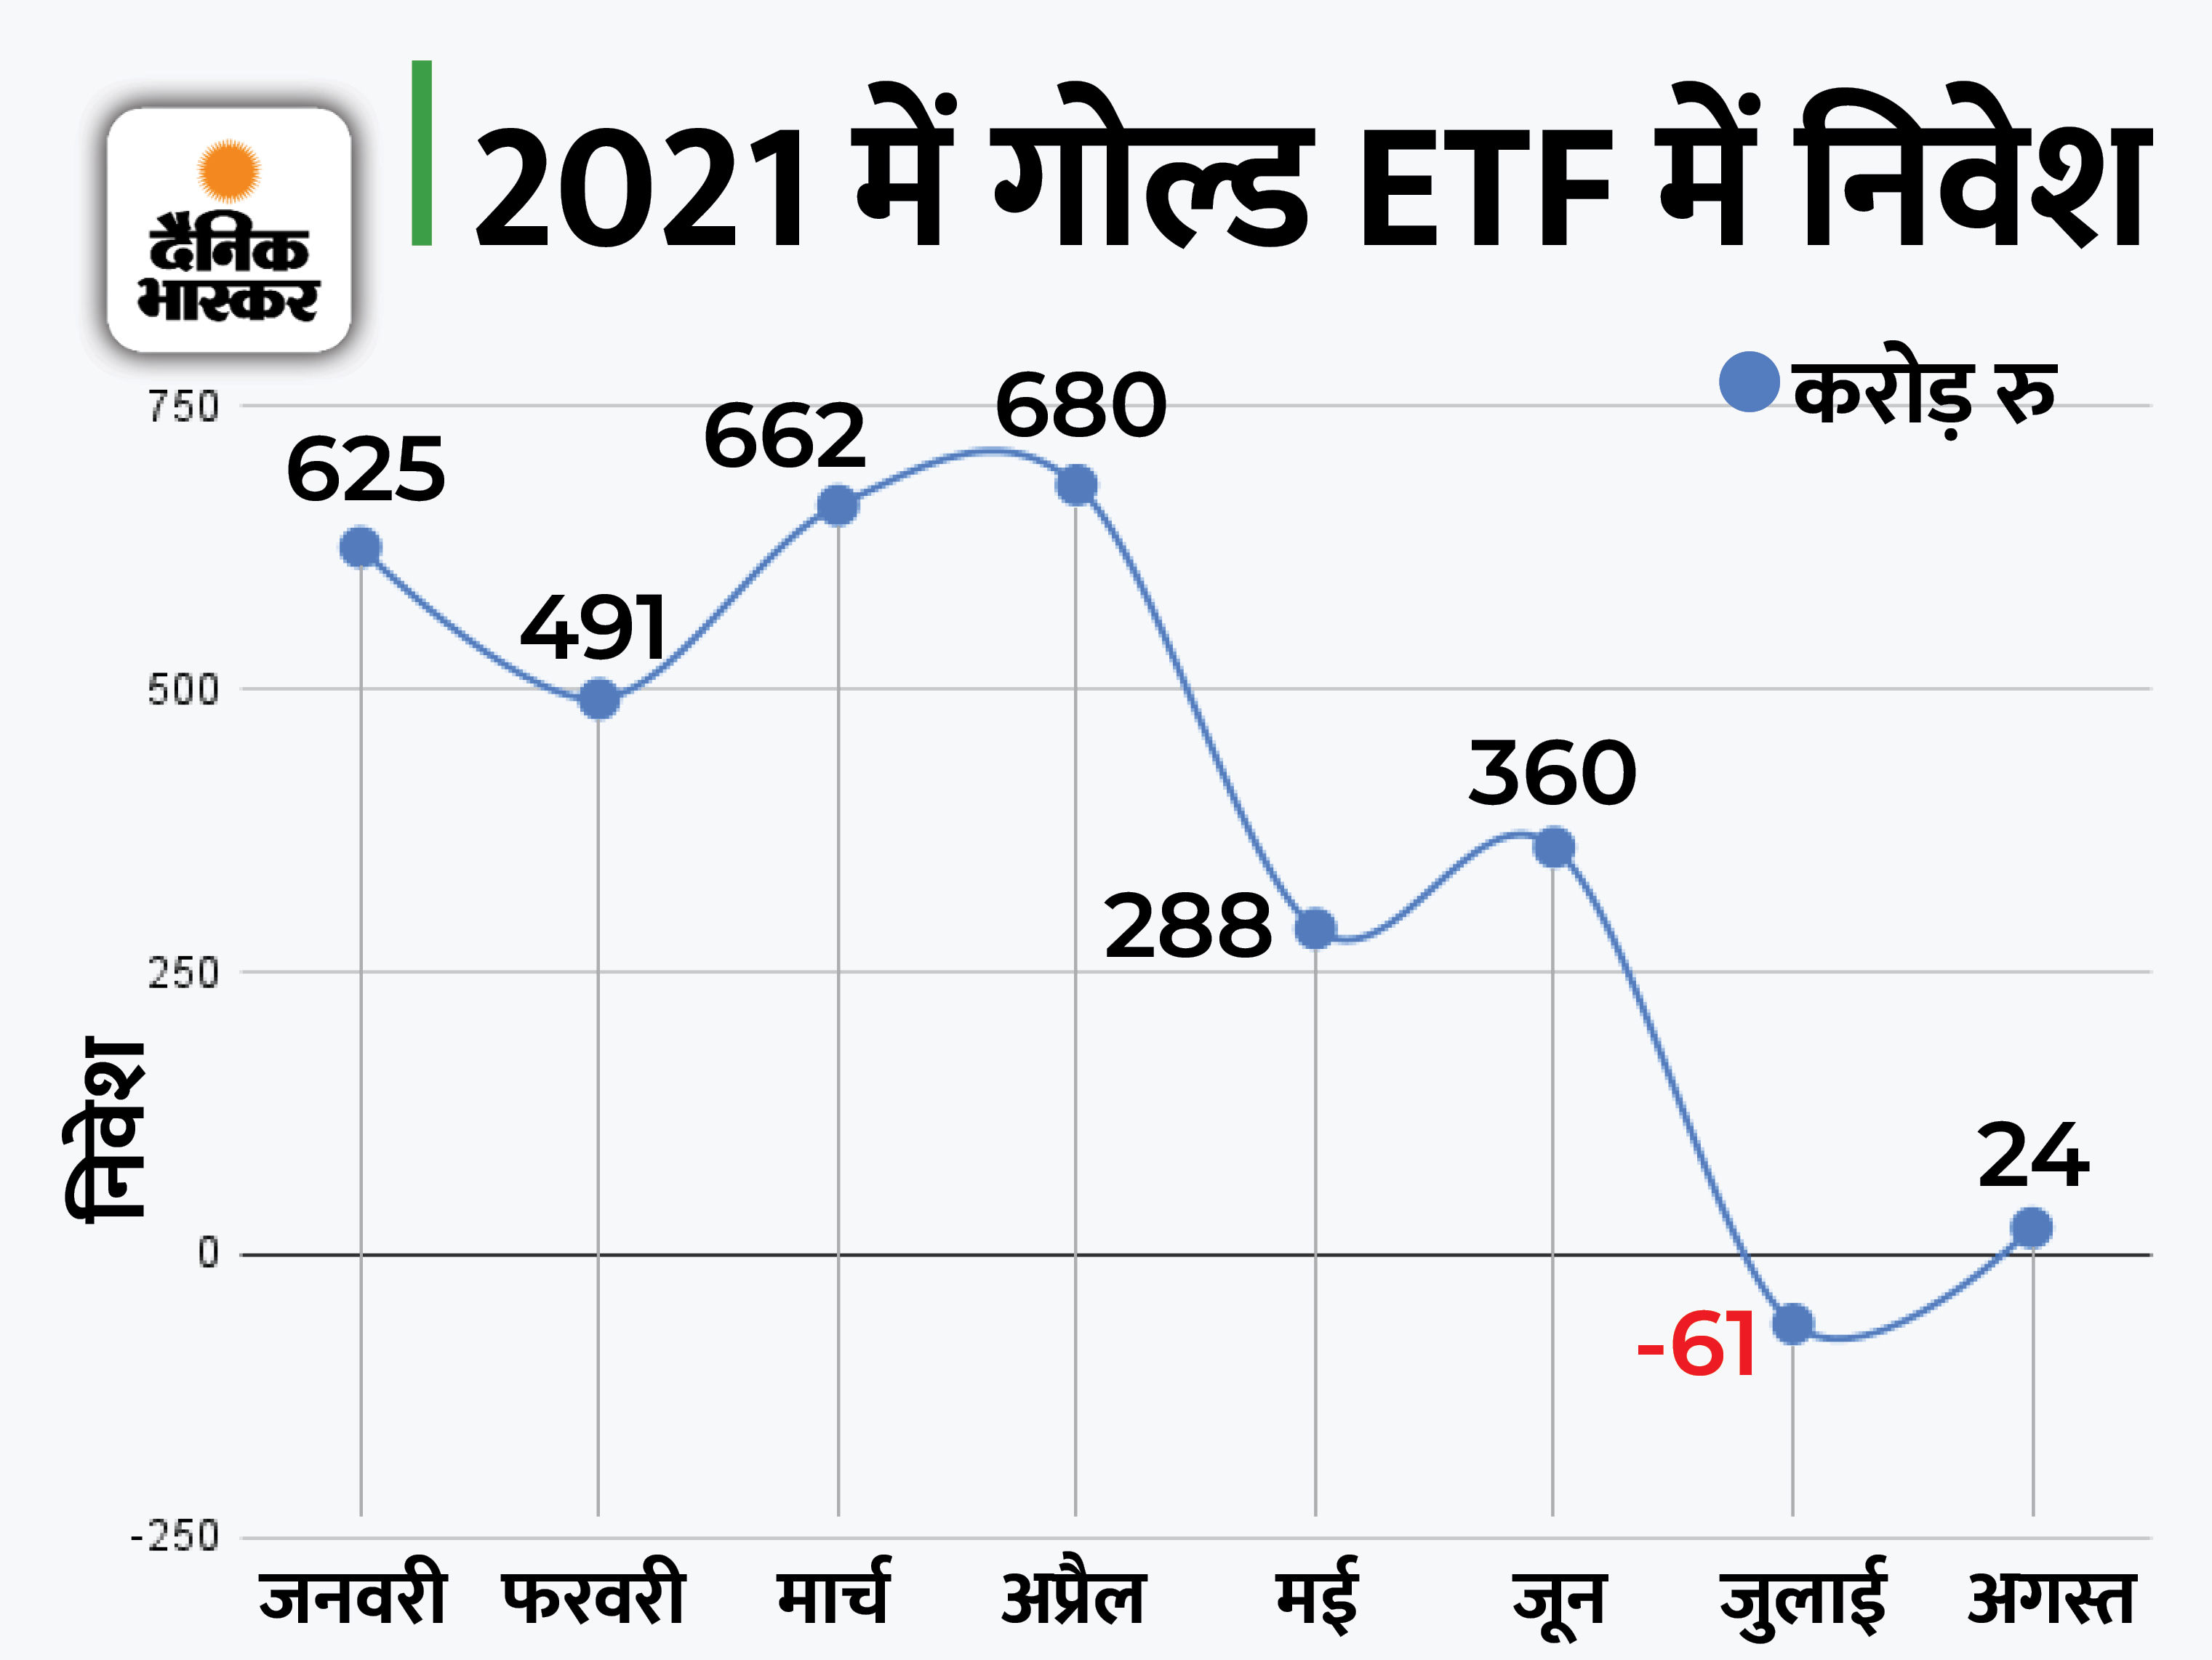 अगस्त में गोल्ड ETF में लोगों ने लगाए 24 करोड़ रुपए, इस साल अब तक 3070 करोड़ रुपए का निवेश आया|बिजनेस,Business - Dainik Bhaskar